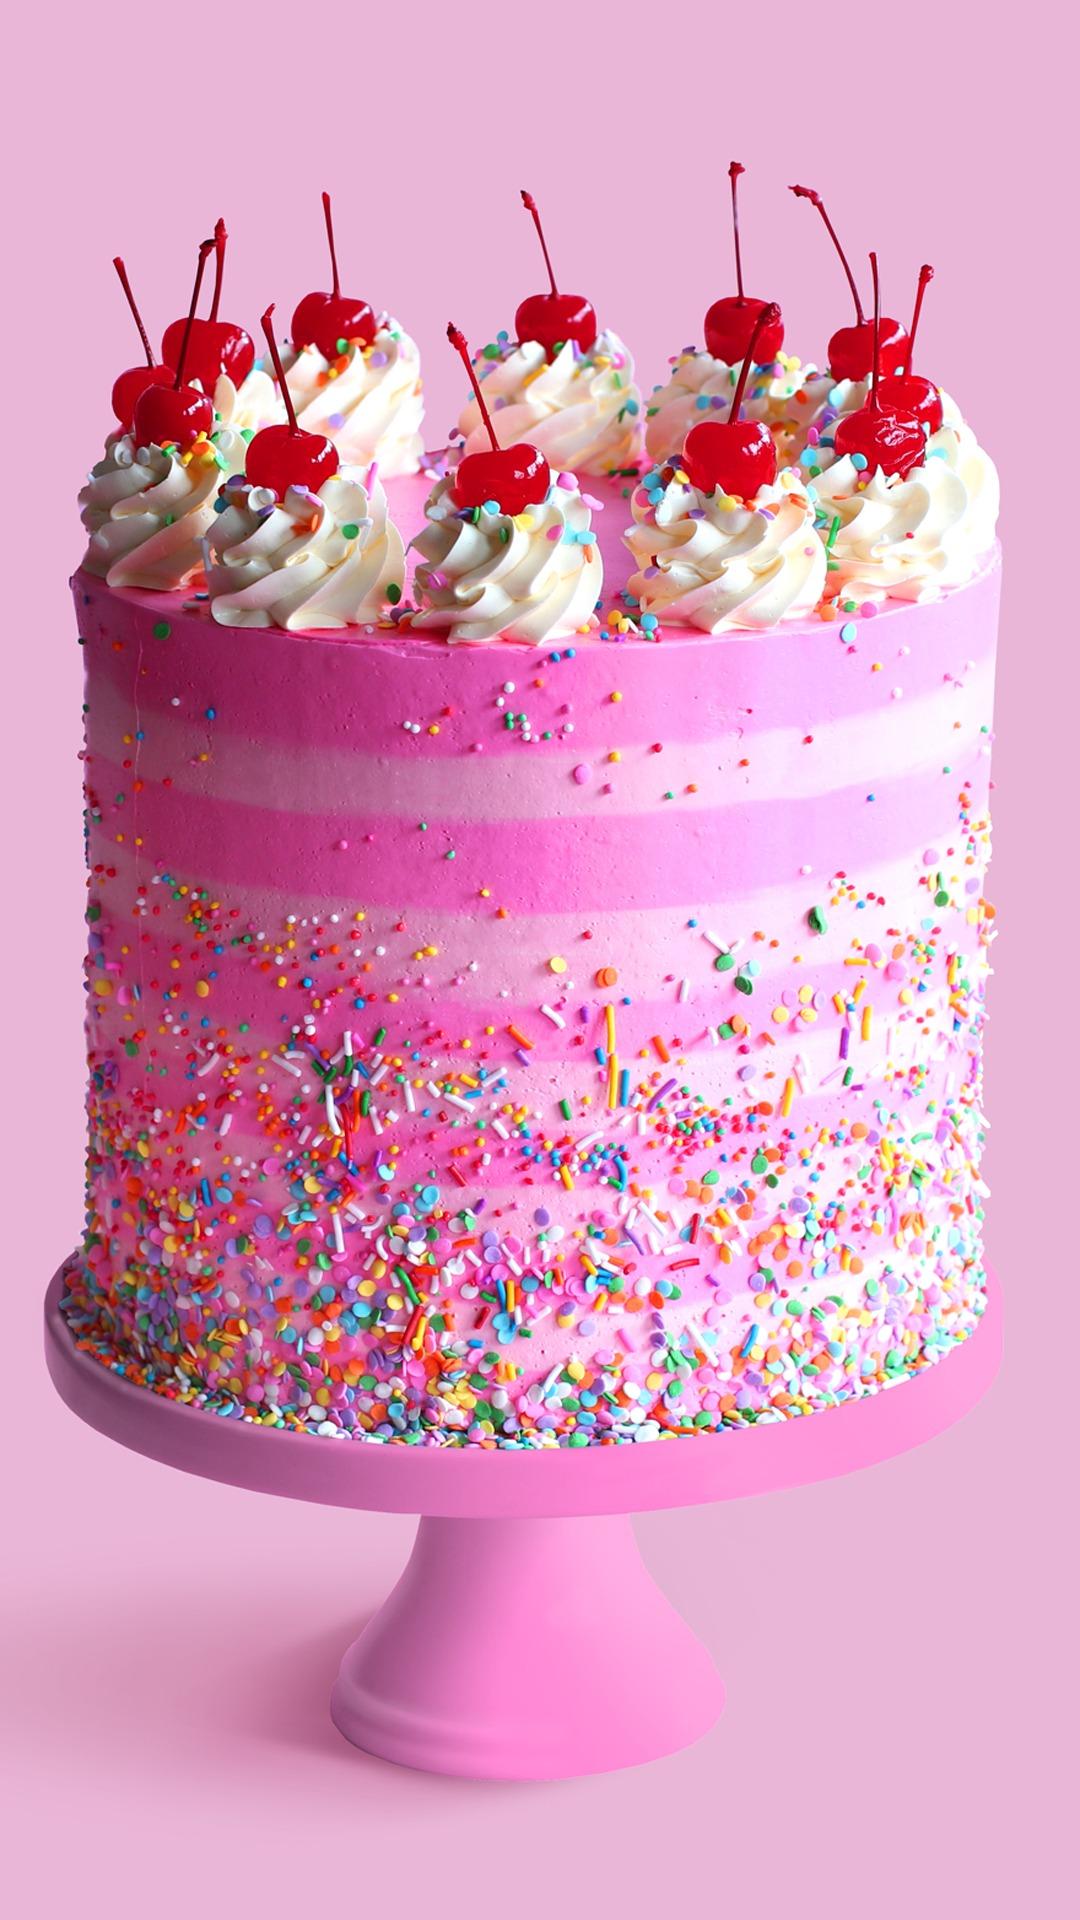 Les gâteaux d'anniversaire ne sont pas seulement délicieux, ils peuvent également faire partie de la décoration!